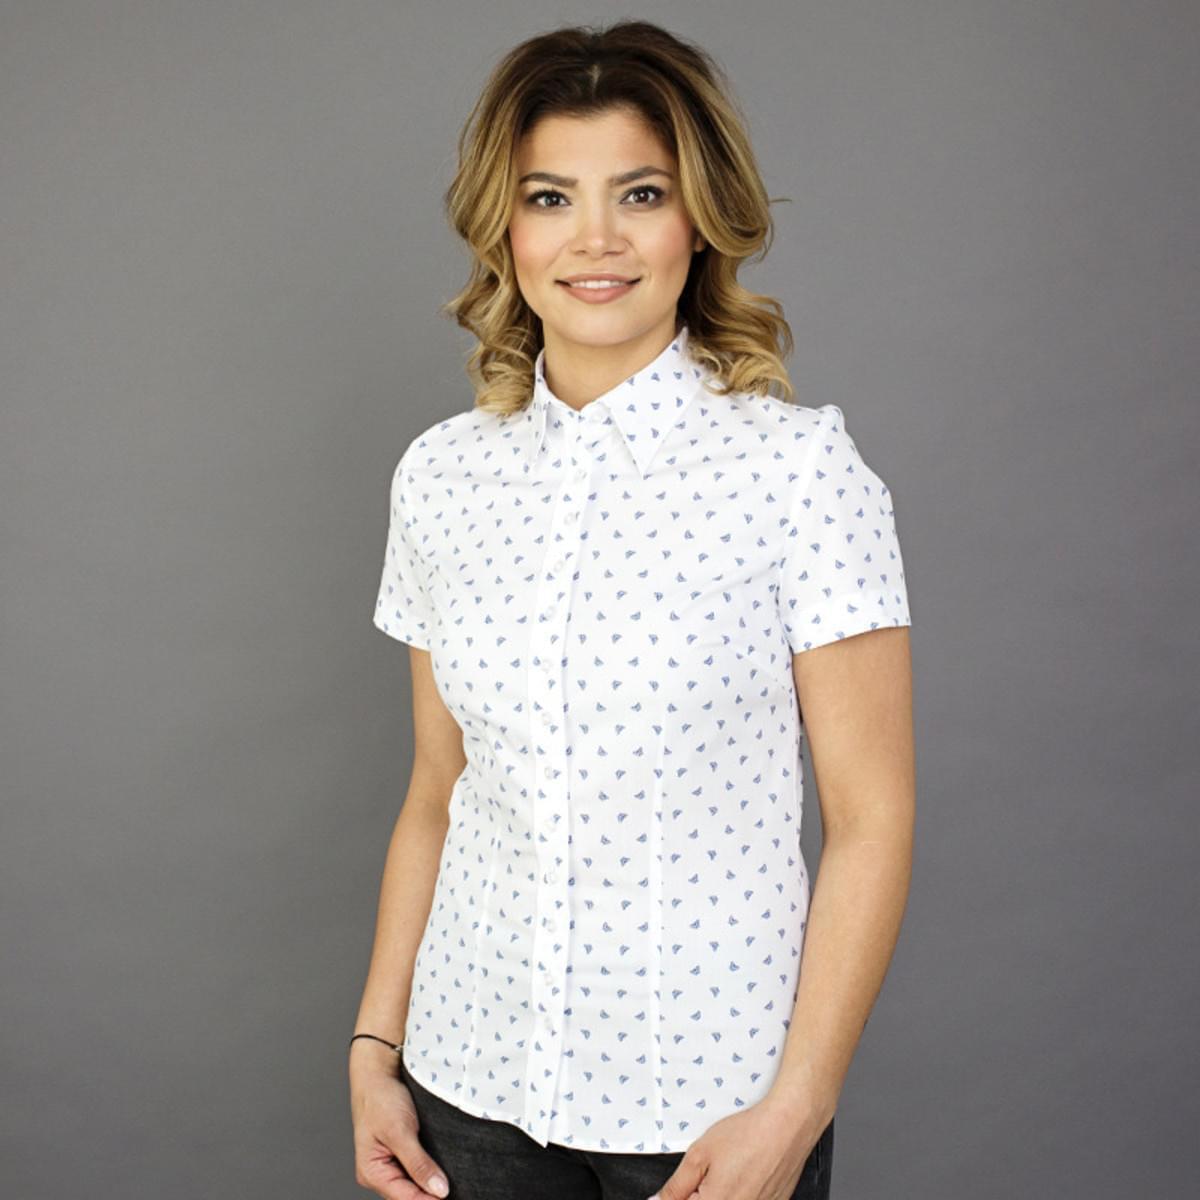 Dámská košile s krátkým rukávem Willsoor 7811 v bílé barvě 34